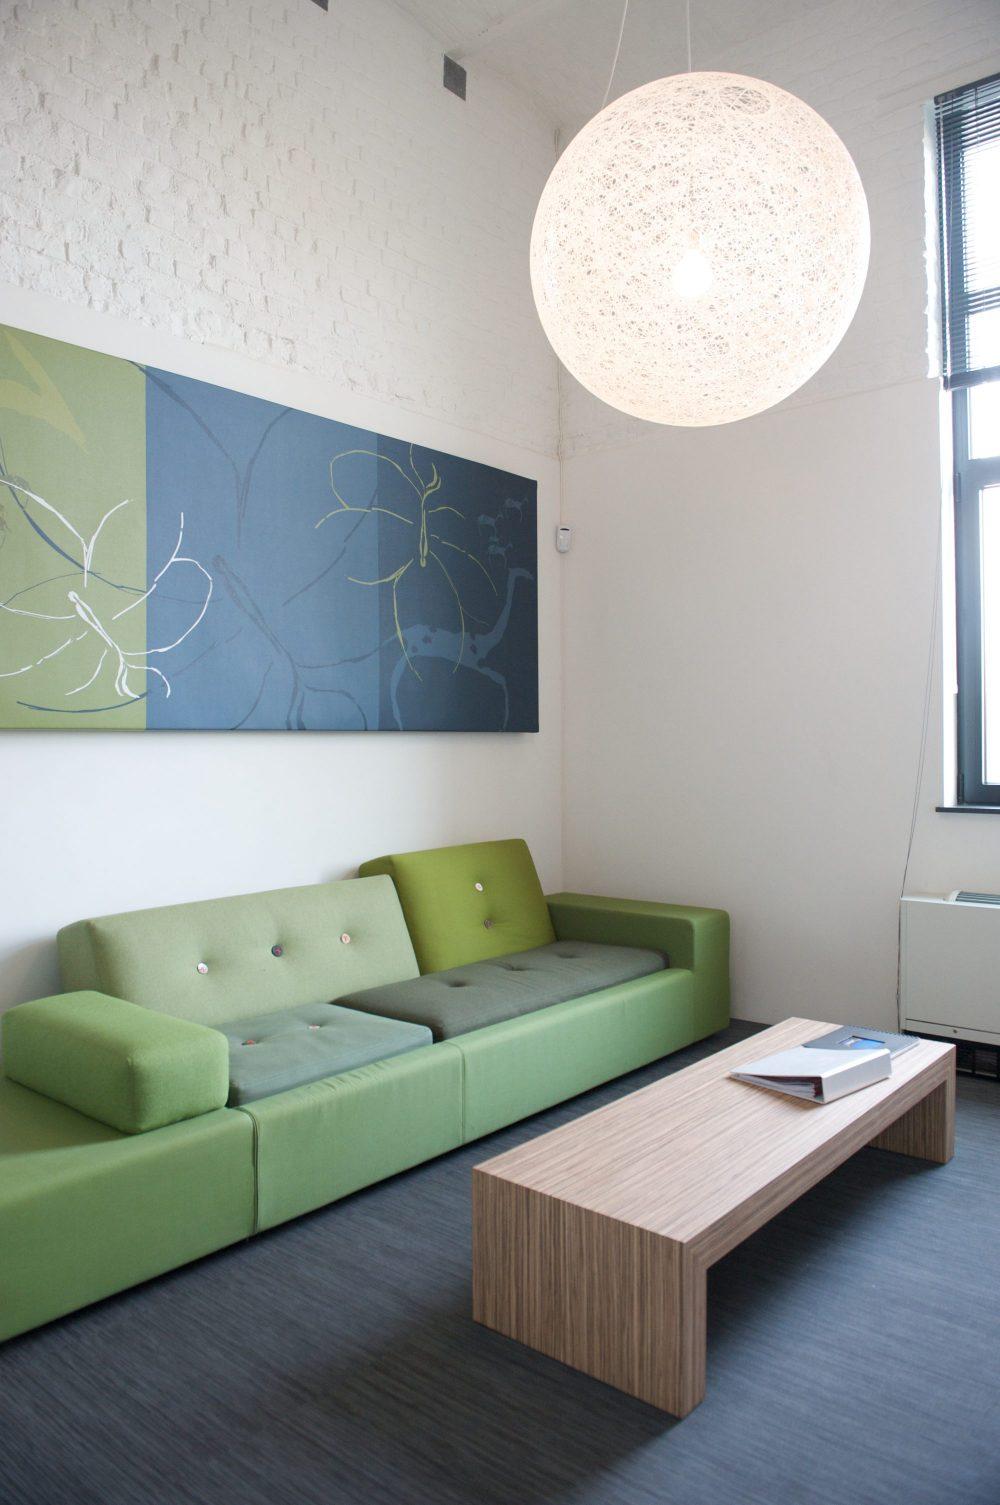 sofa vert, oeuvre d'art tons vert et bleux, table basse en bois